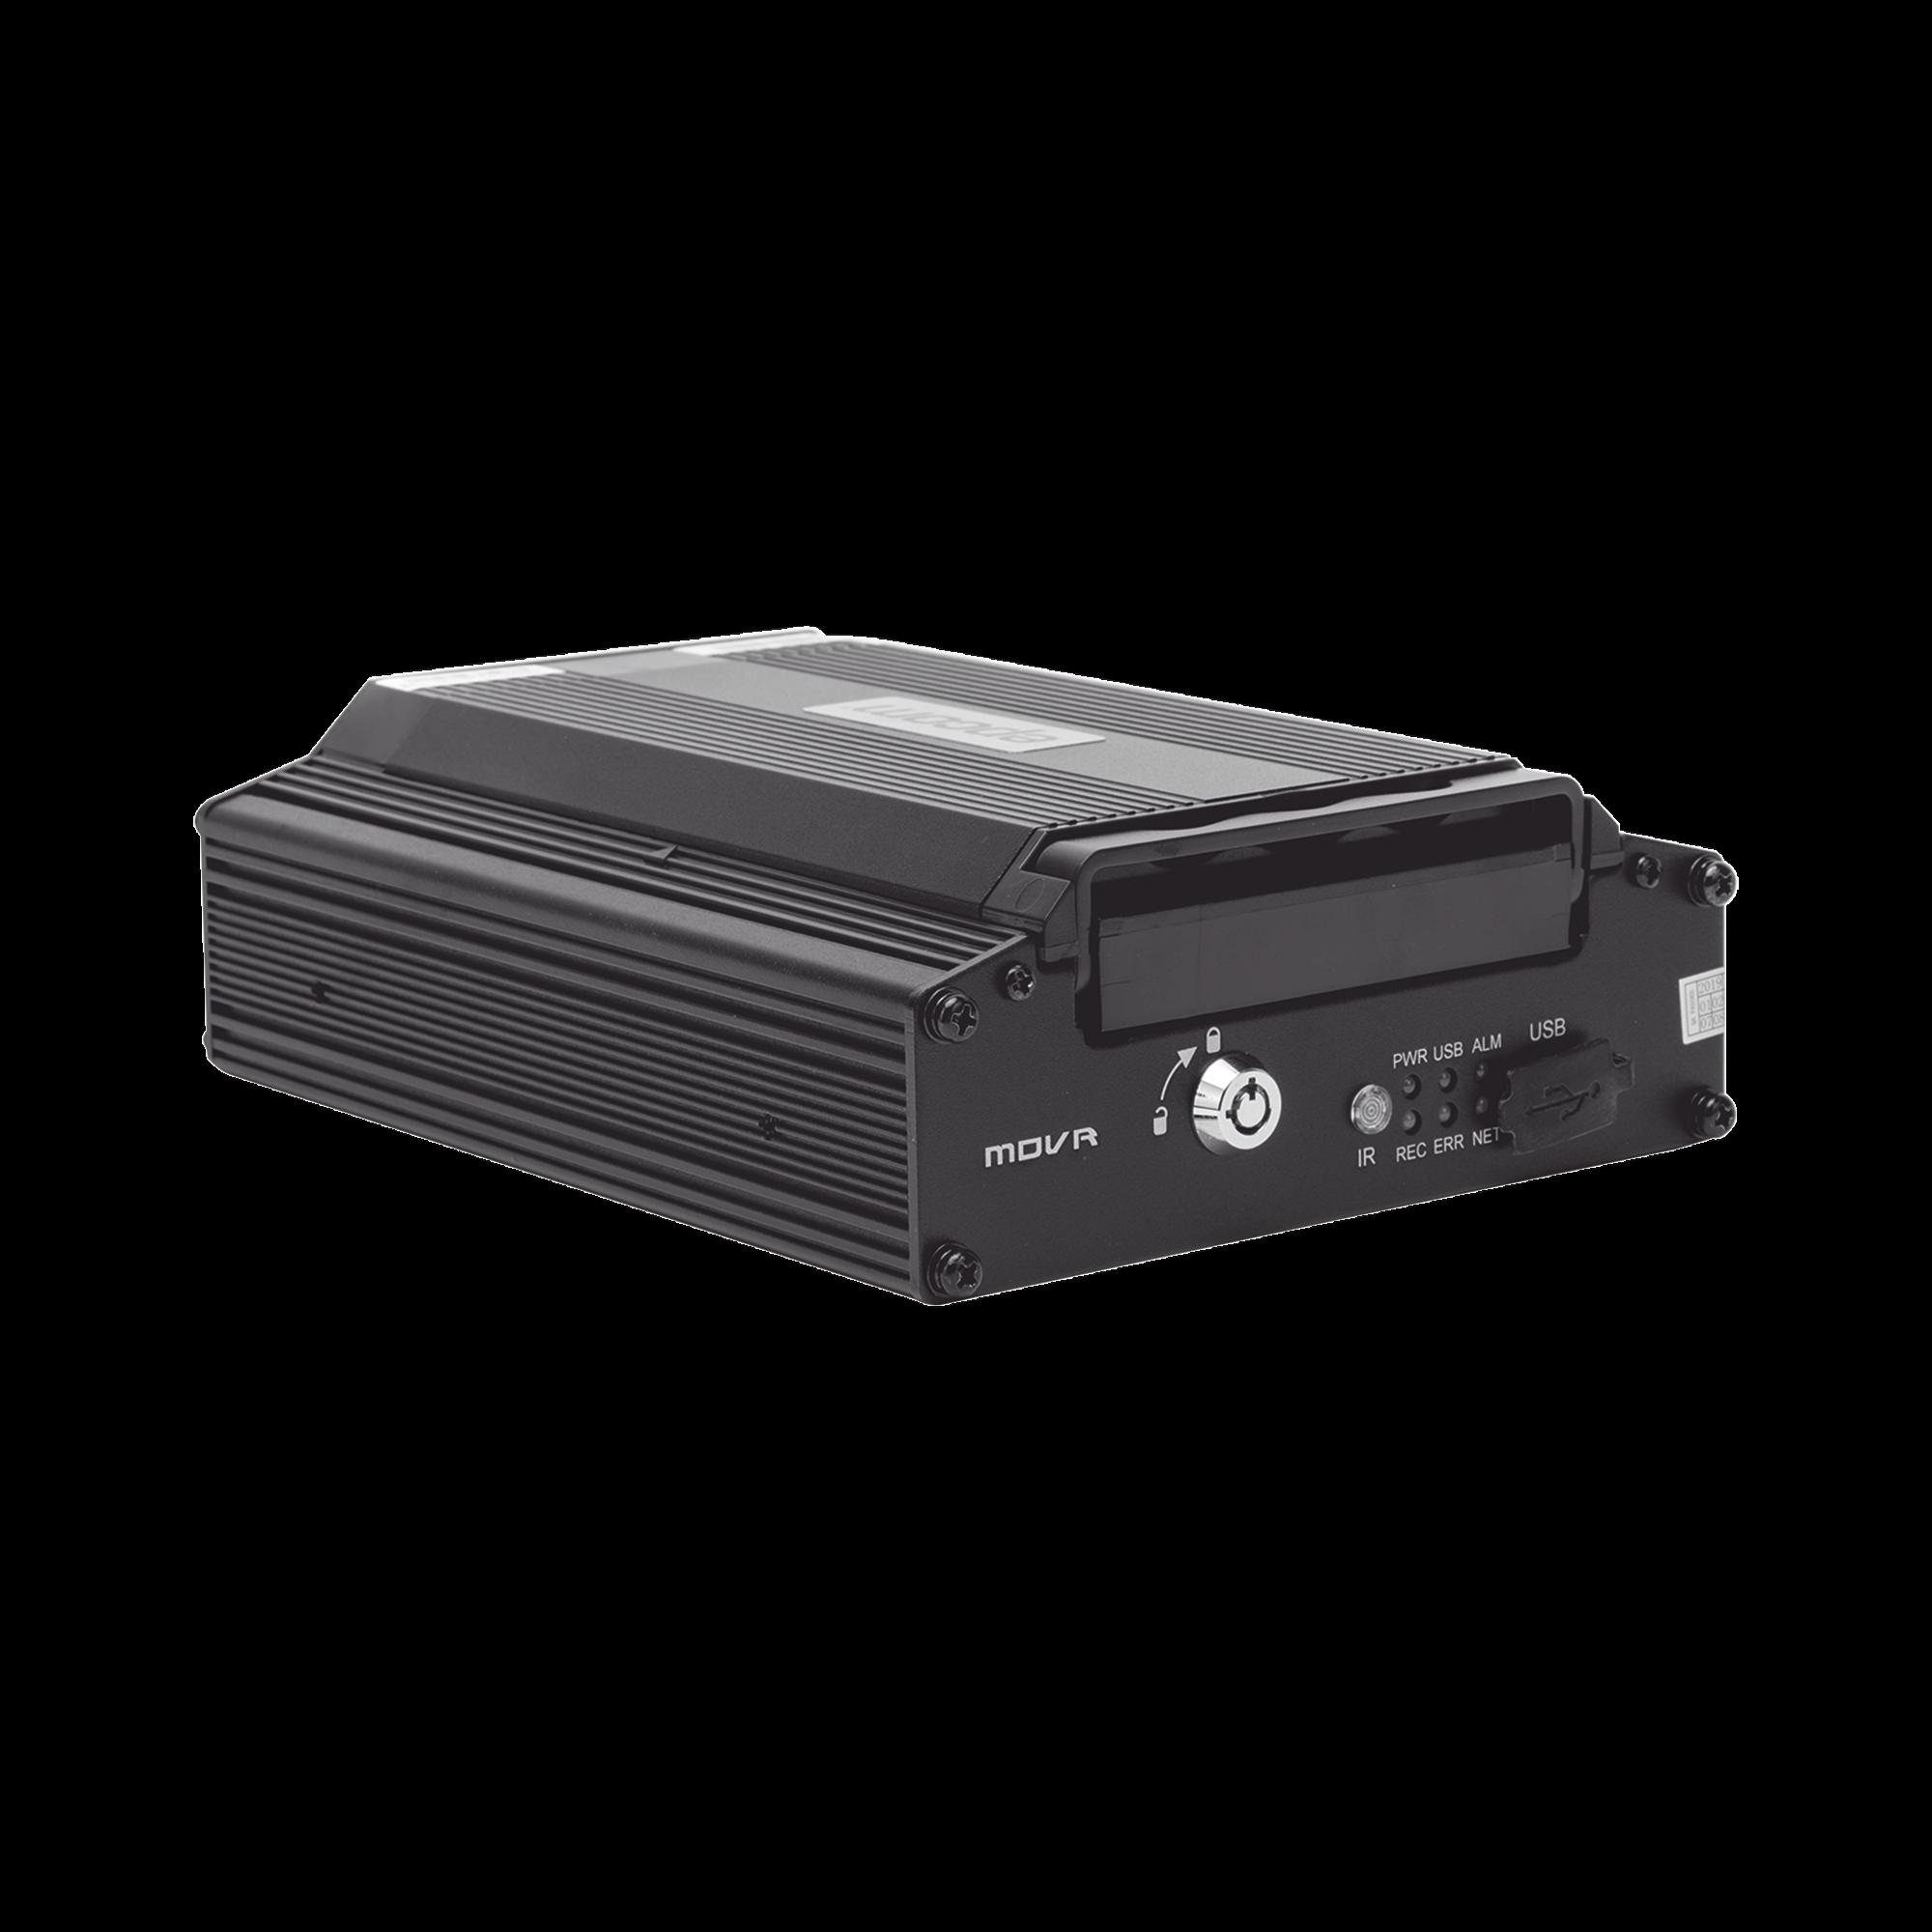 (NUBE EPCOMGPS) DVR móvil tribrido / almacenamiento en HDD / 4 canales AHD hasta 2MP + 1 canal IP hasta 2MP / compresión de vídeo H.265